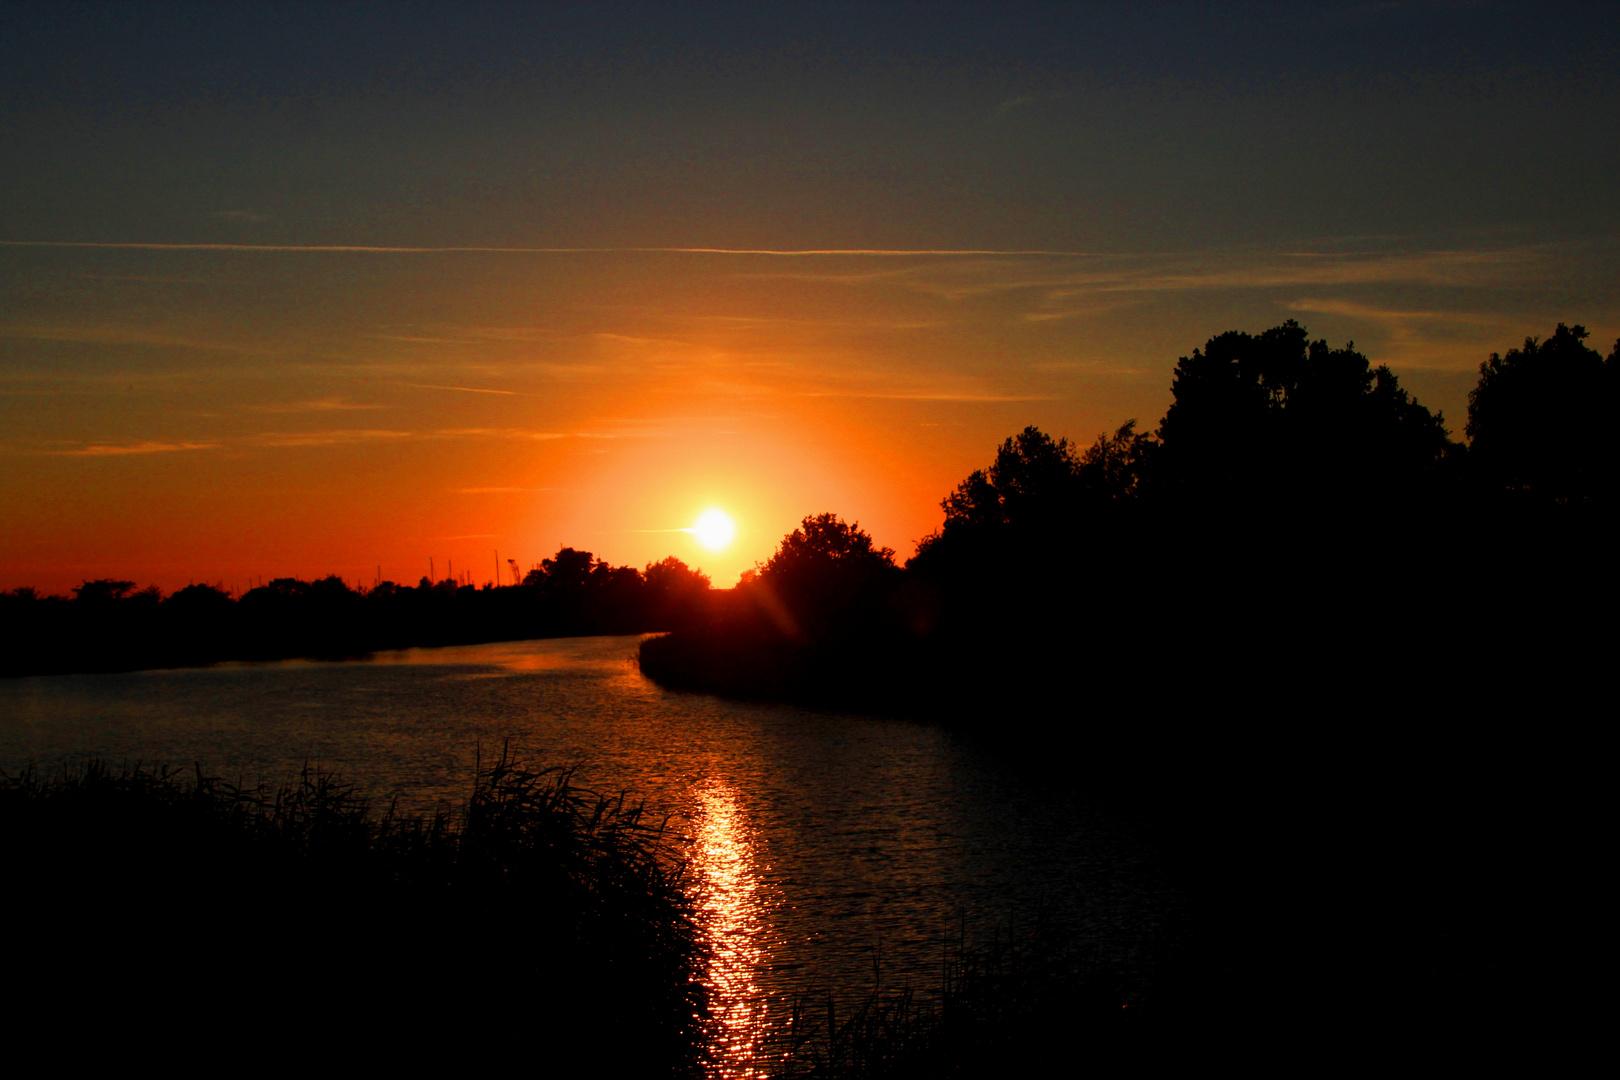 Sonnenuntergang am Ryck,Greifswald